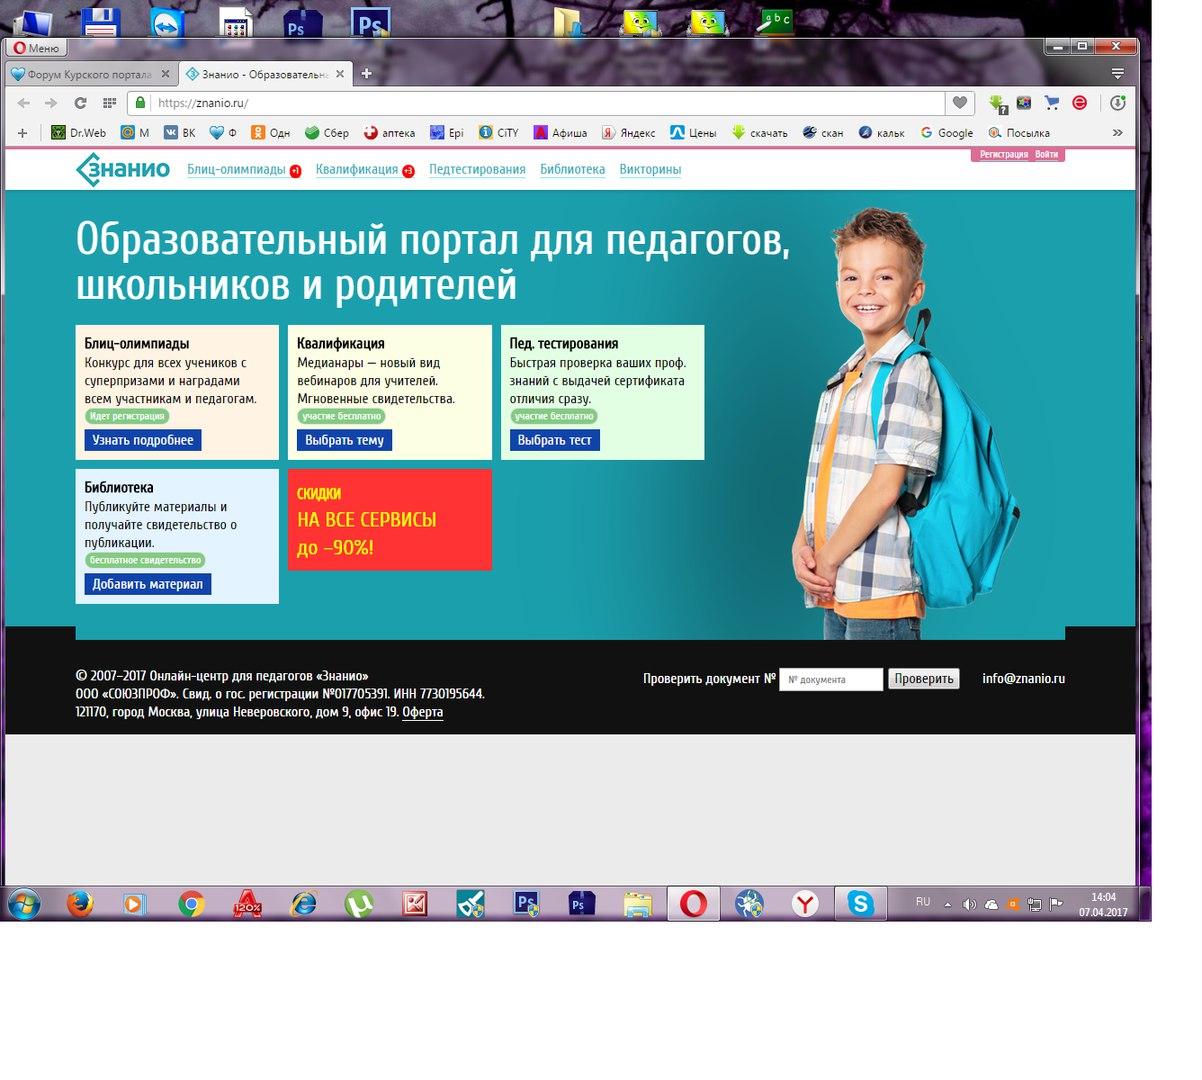 https://pp.userapi.com/c638618/v638618163/354bc/OsApyTQDfRY.jpg